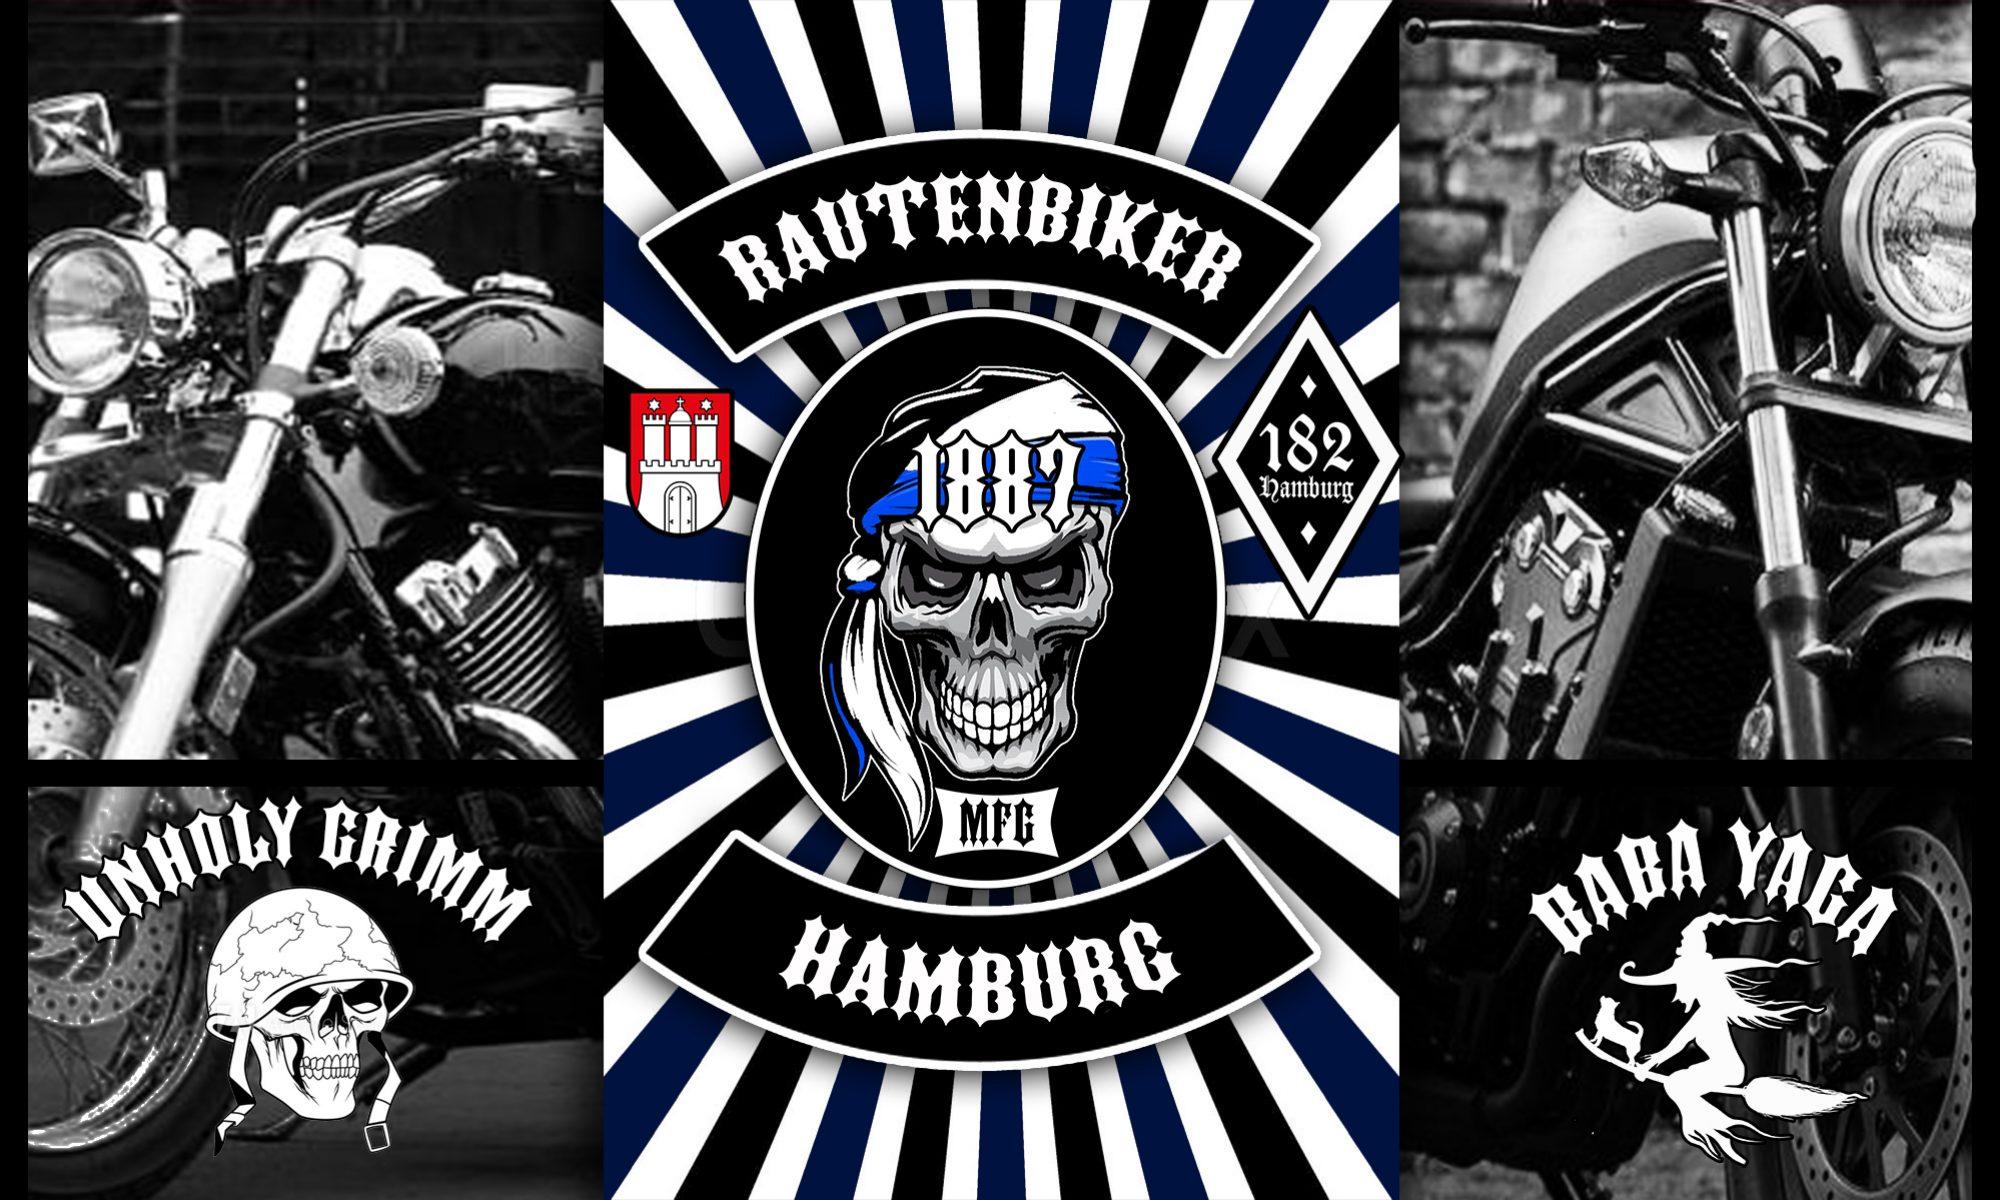 Rautenbiker  Hamburg